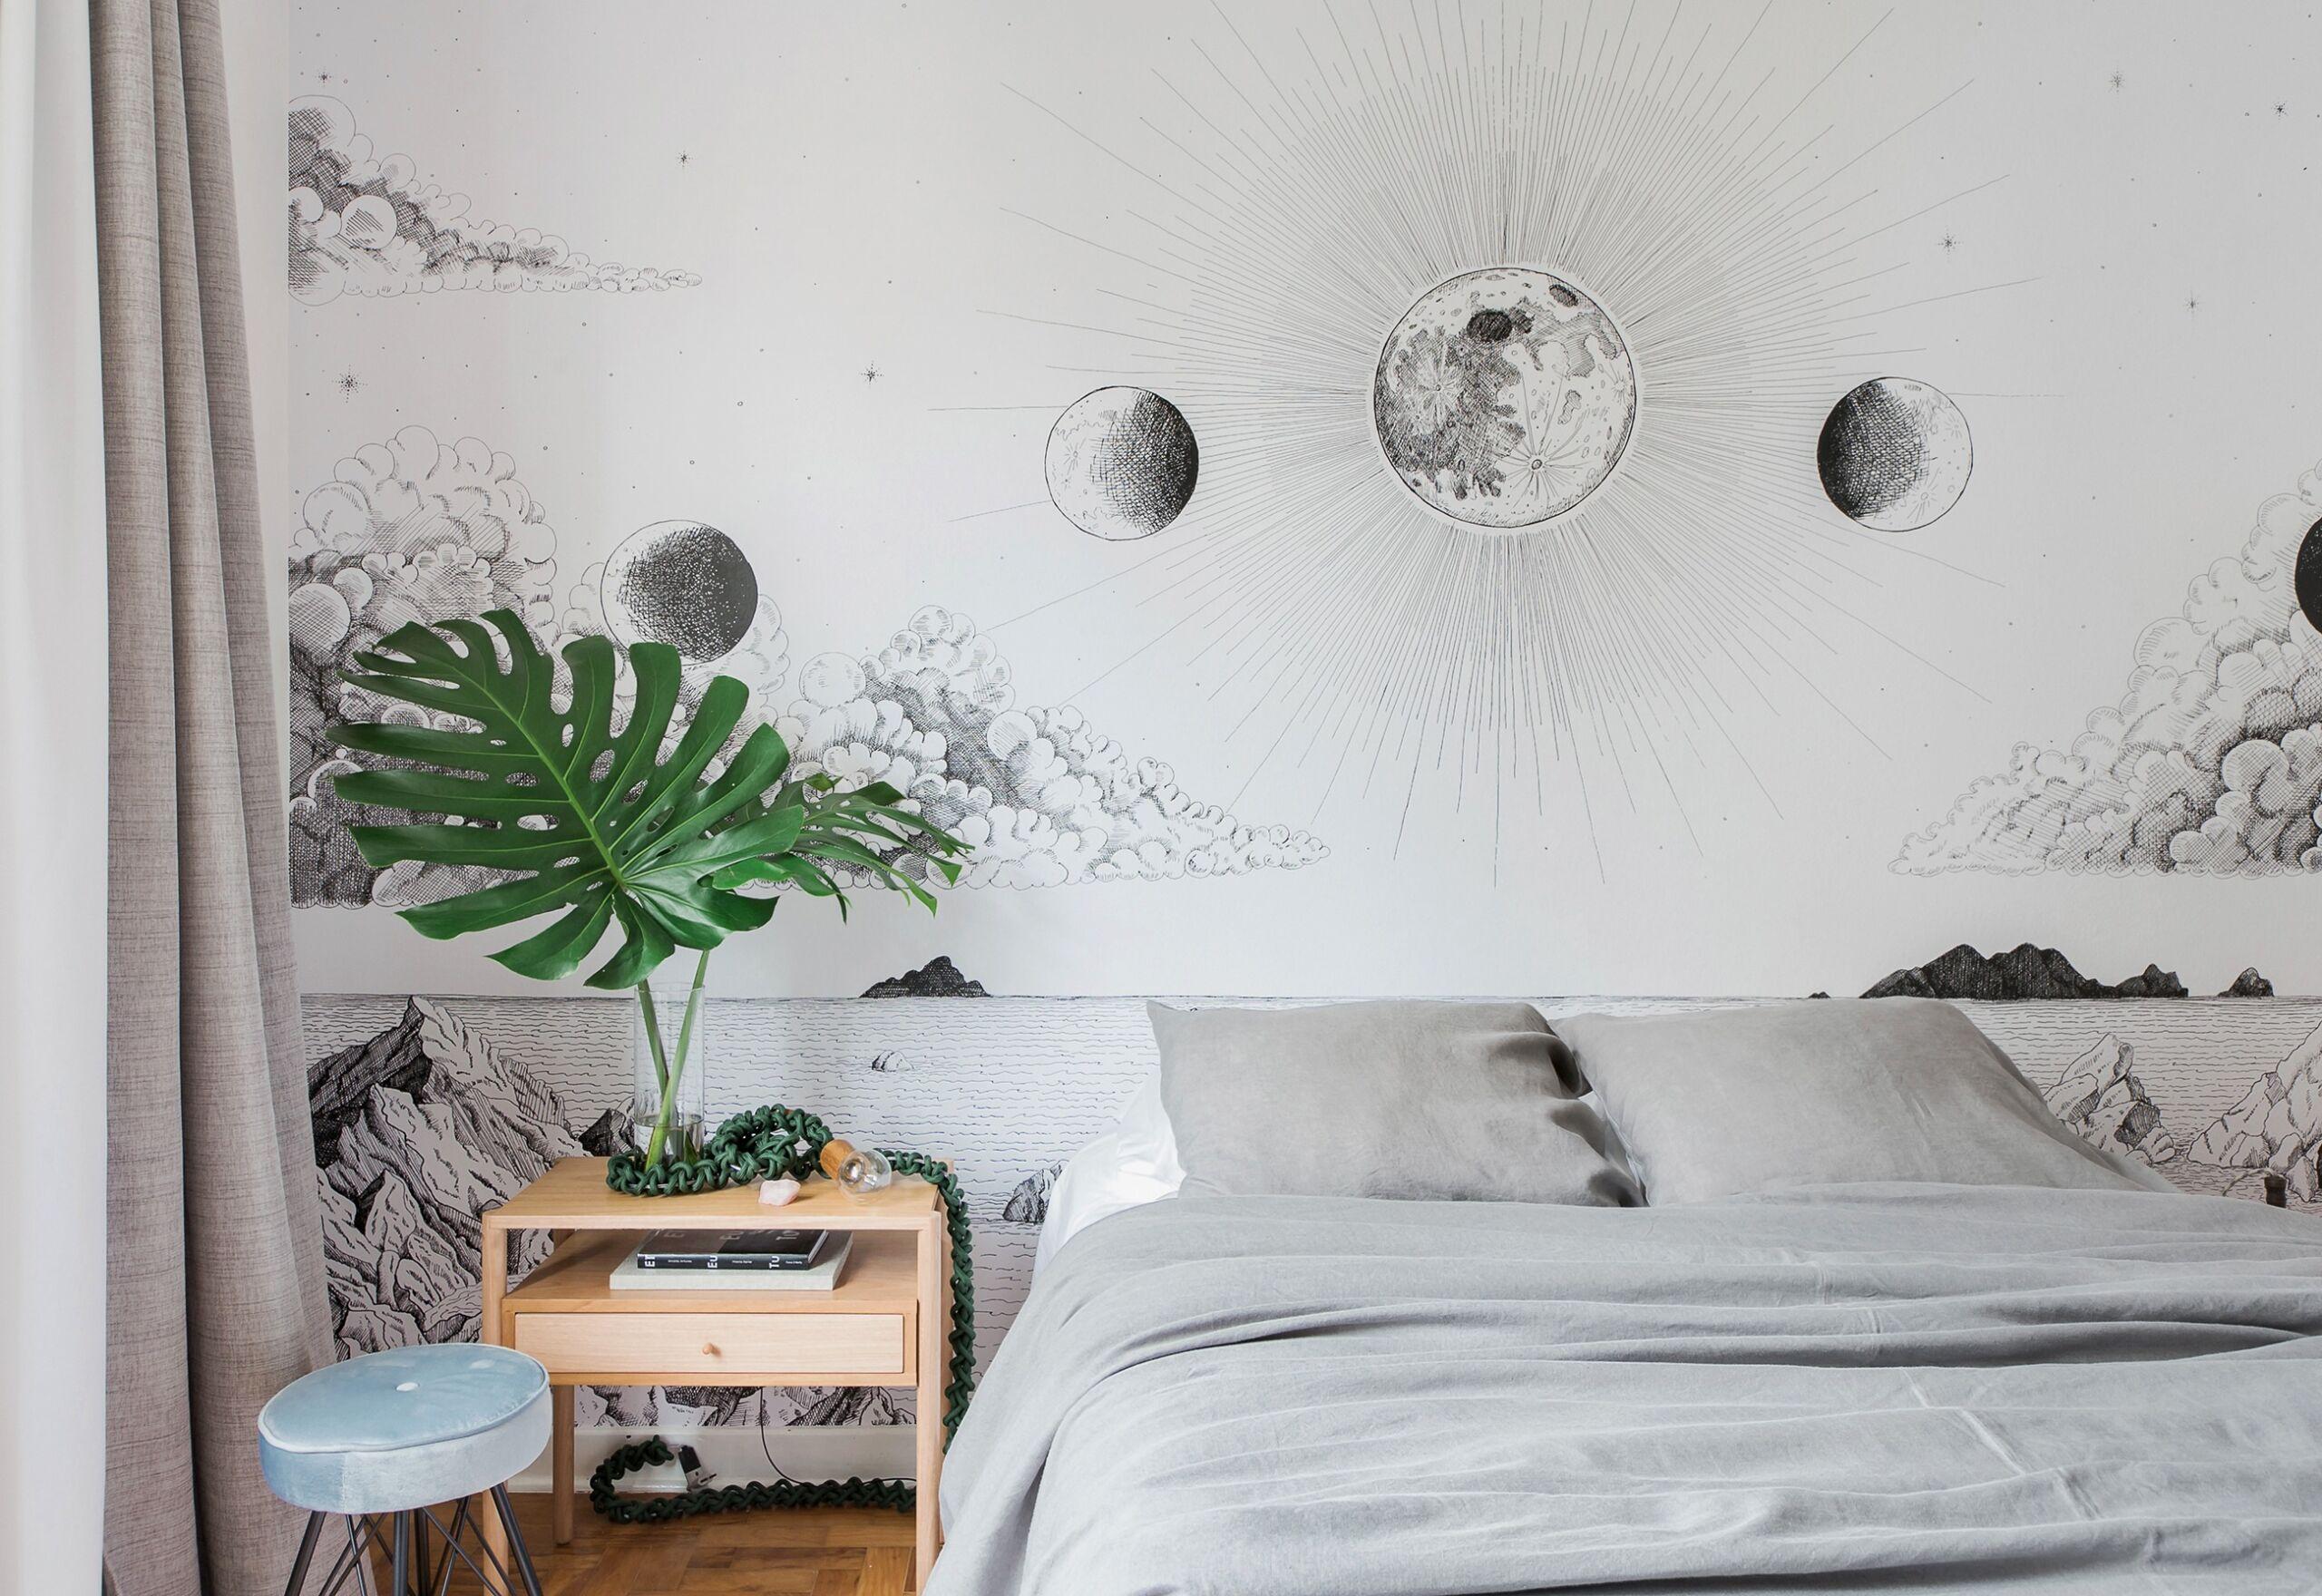 Apê alugado com boas ideias de decoração